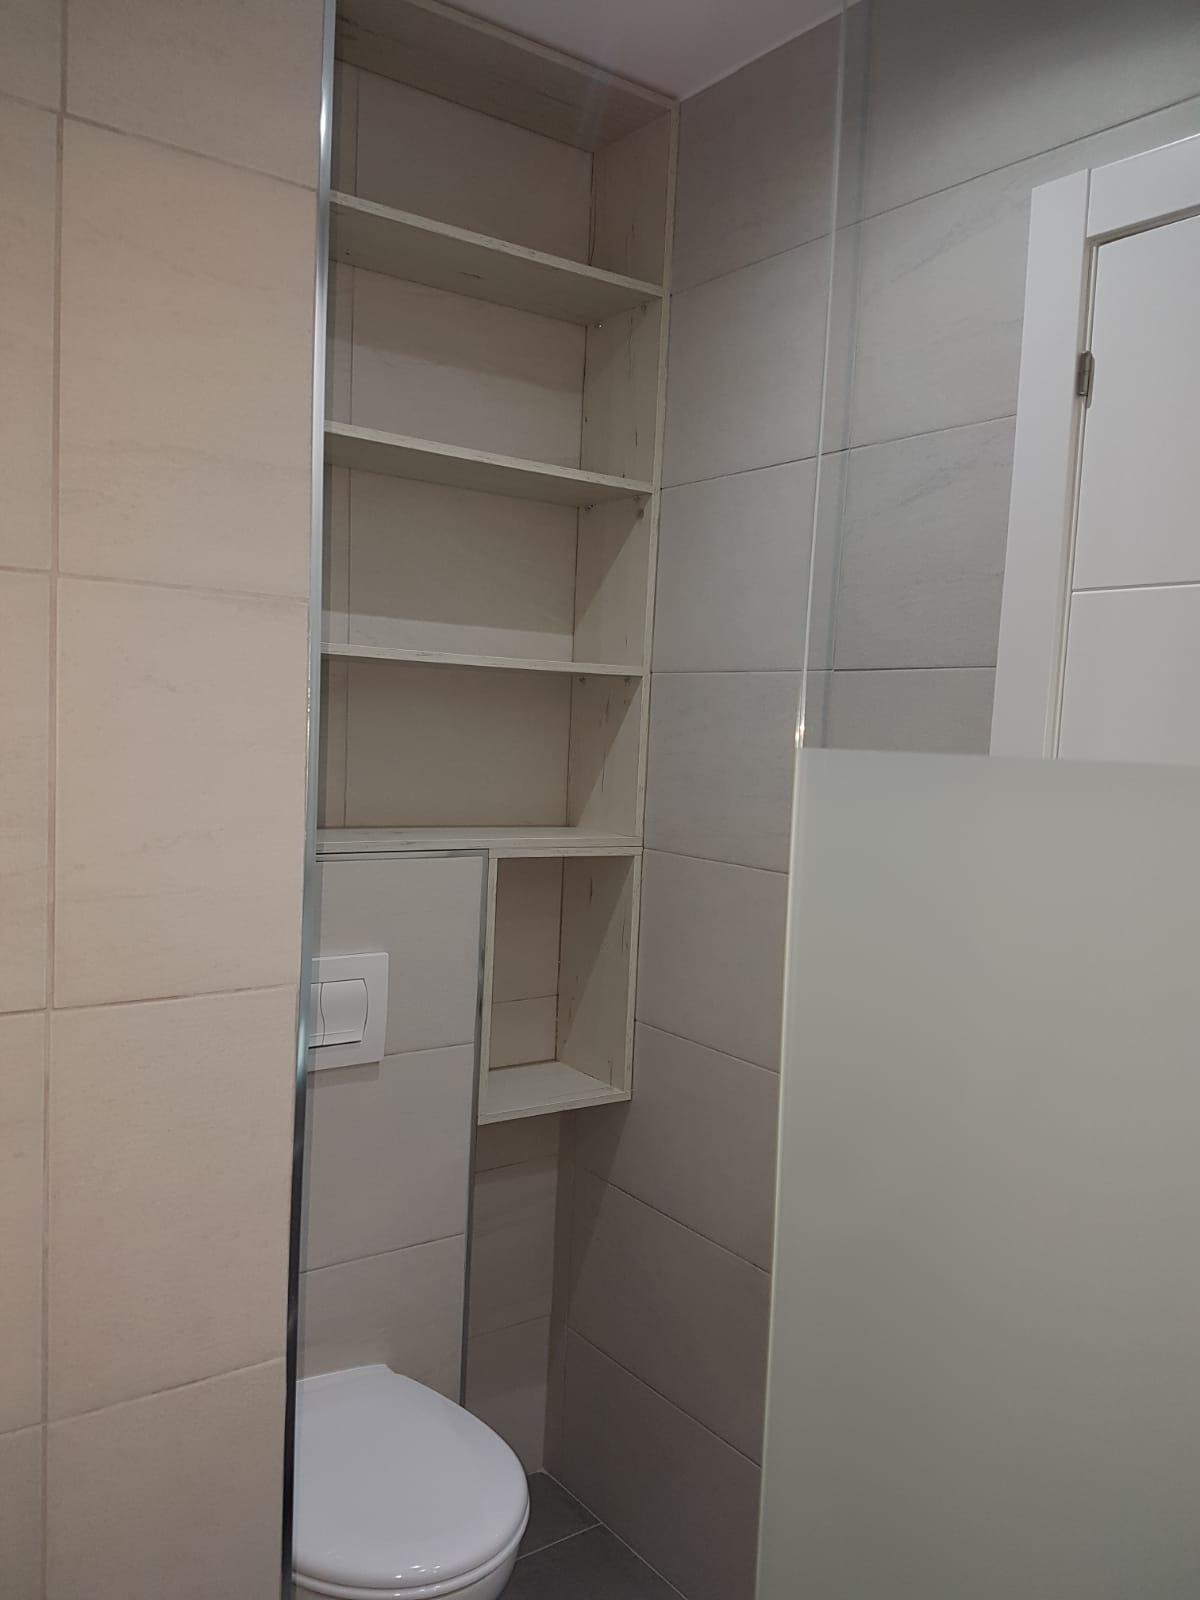 Квартира для продажи в Эль Равал